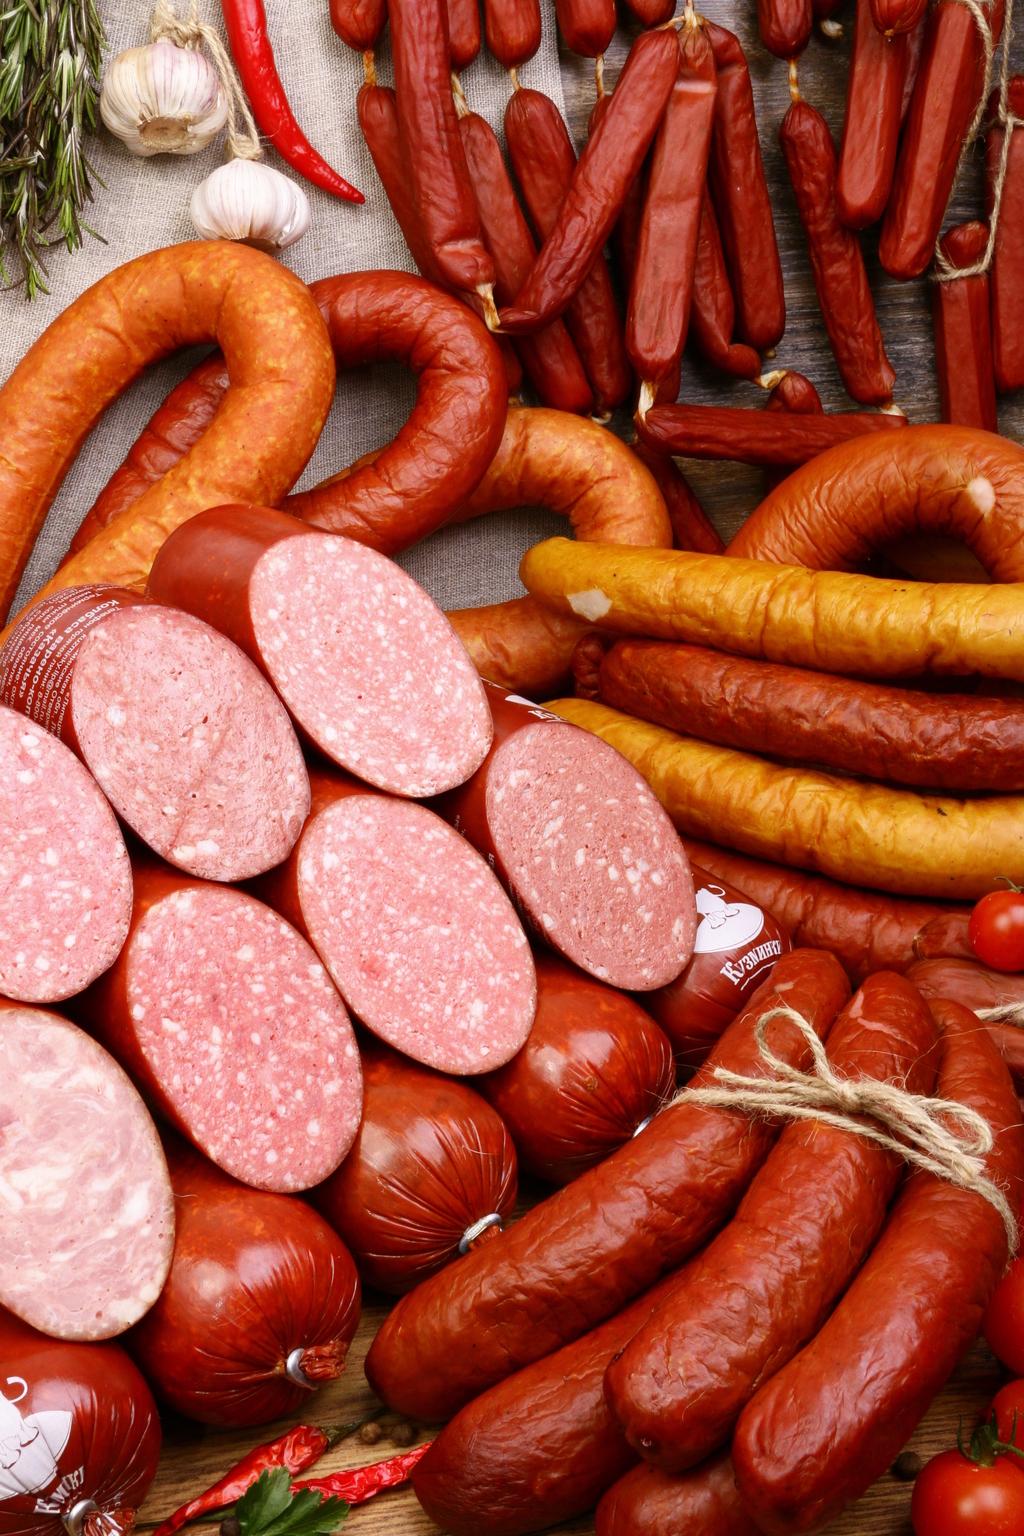 Фото где много колбасы